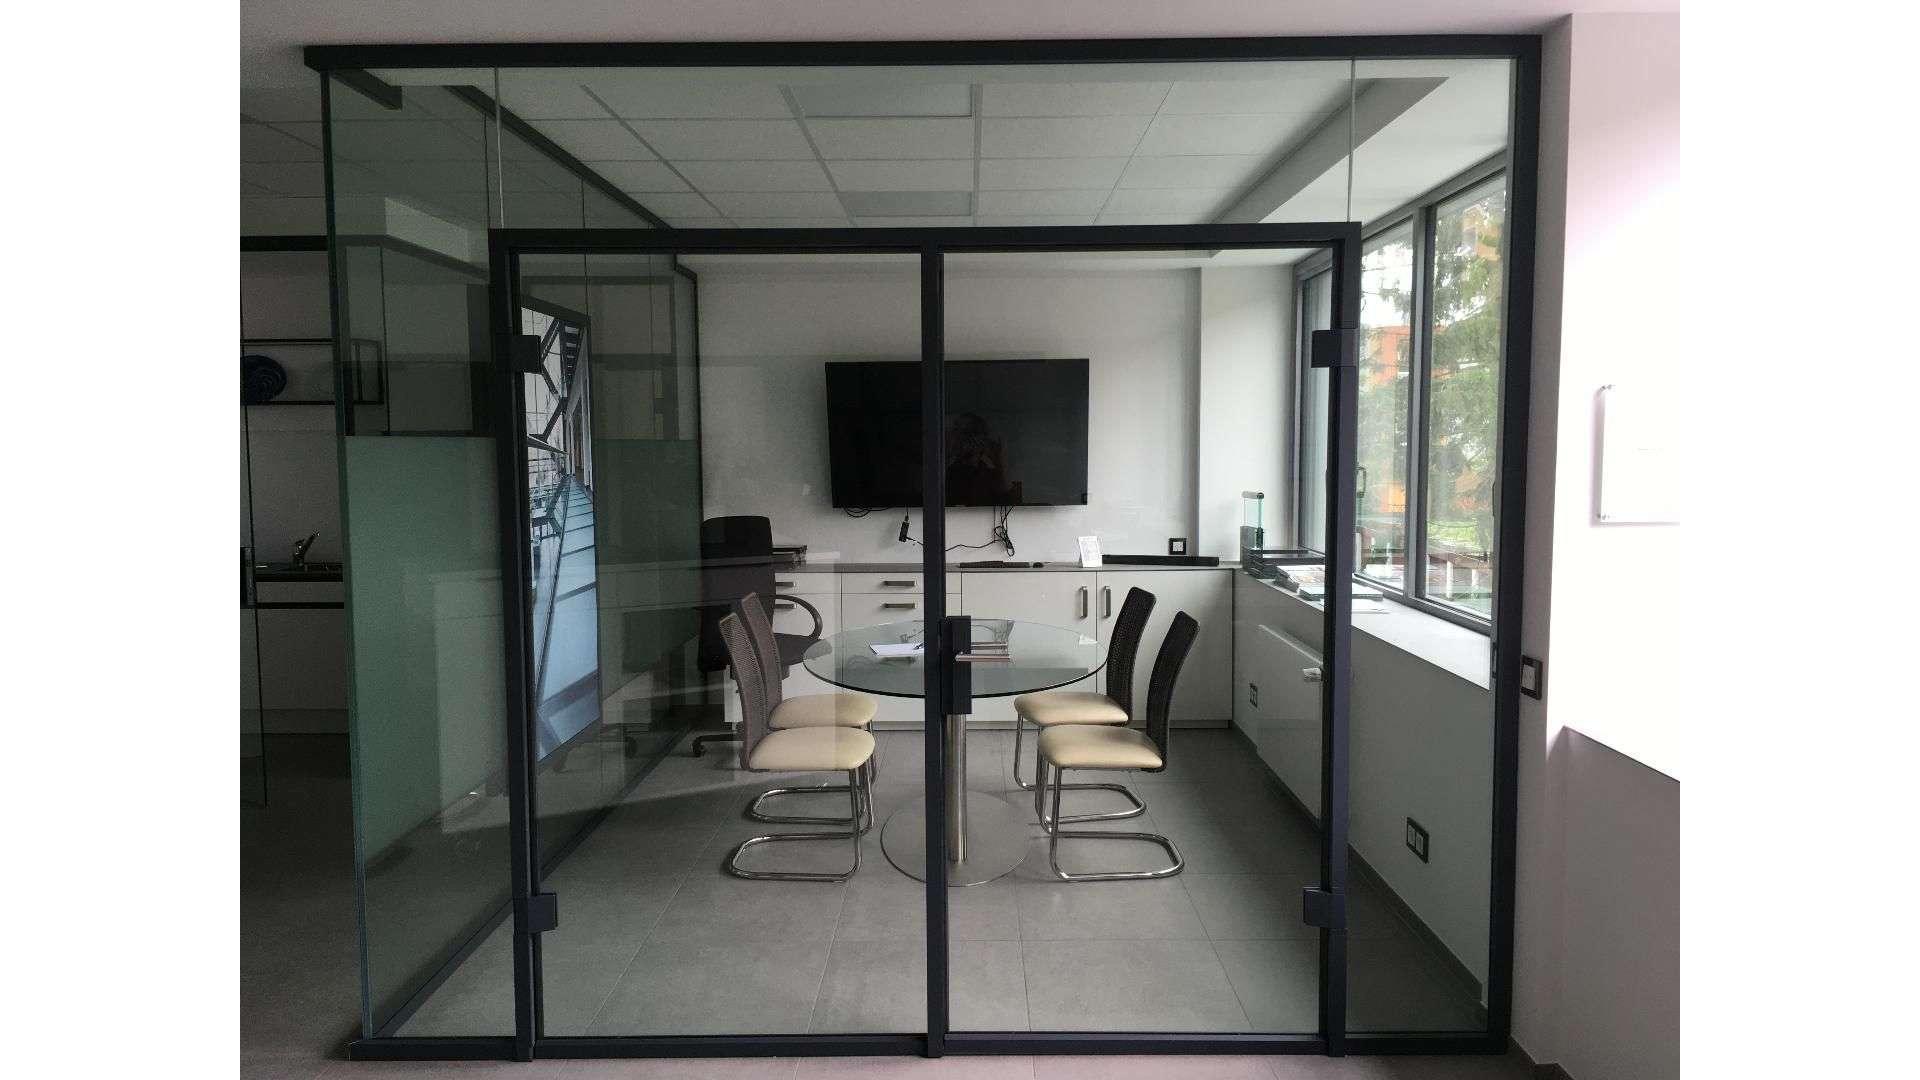 Konferenzraum in der Ausstellung von Menke-Glas in Bielefeld